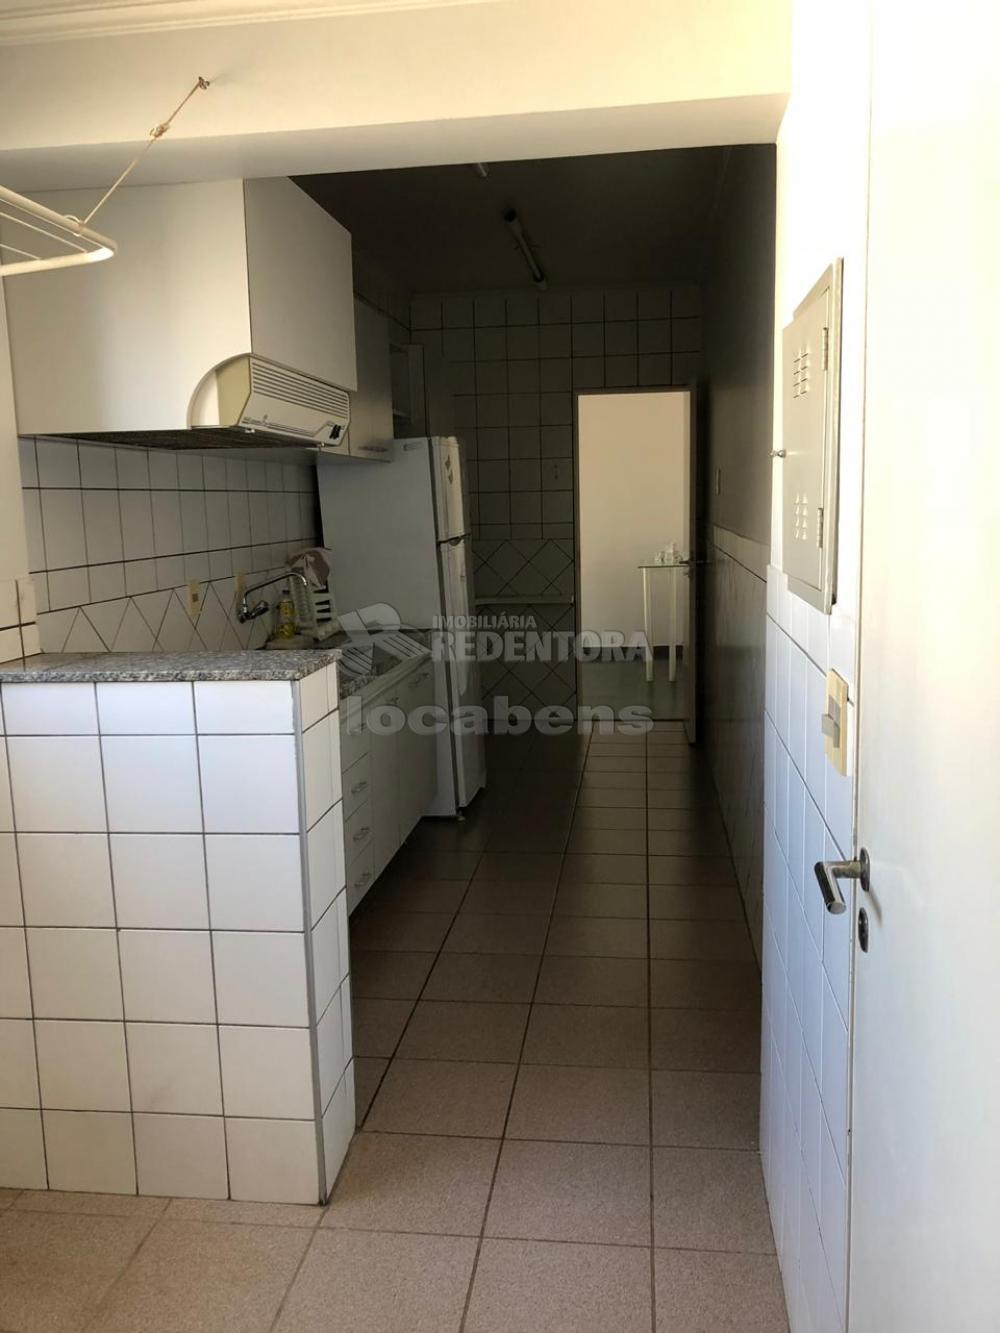 Comprar Apartamento / Padrão em São José do Rio Preto apenas R$ 280.000,00 - Foto 6